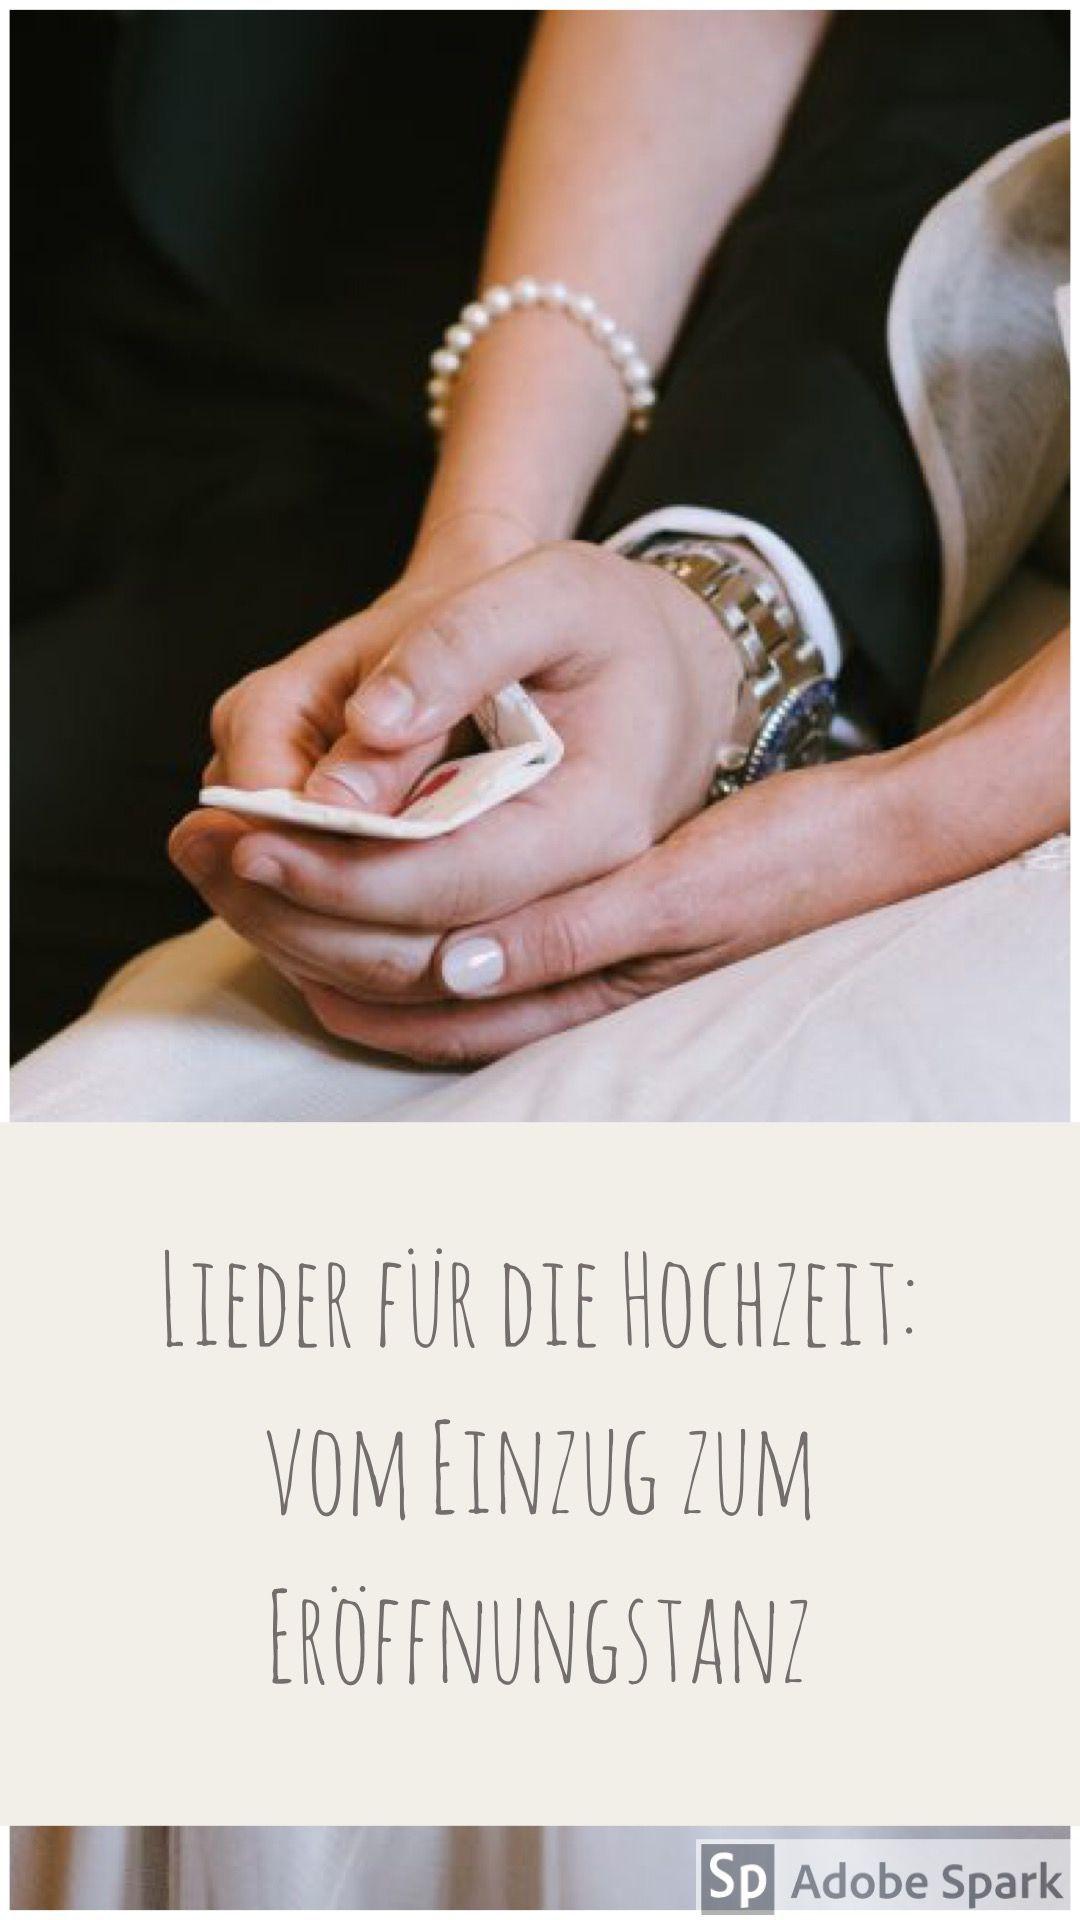 In Diesem Post Findest Du Liedervorschlage Fur Die Hochzeit Ideen Fur Songs Fur Den Einzug Lie Lieder Hochzeit Hochzeit Lieder Einzug Eroffnungstanz Hochzeit